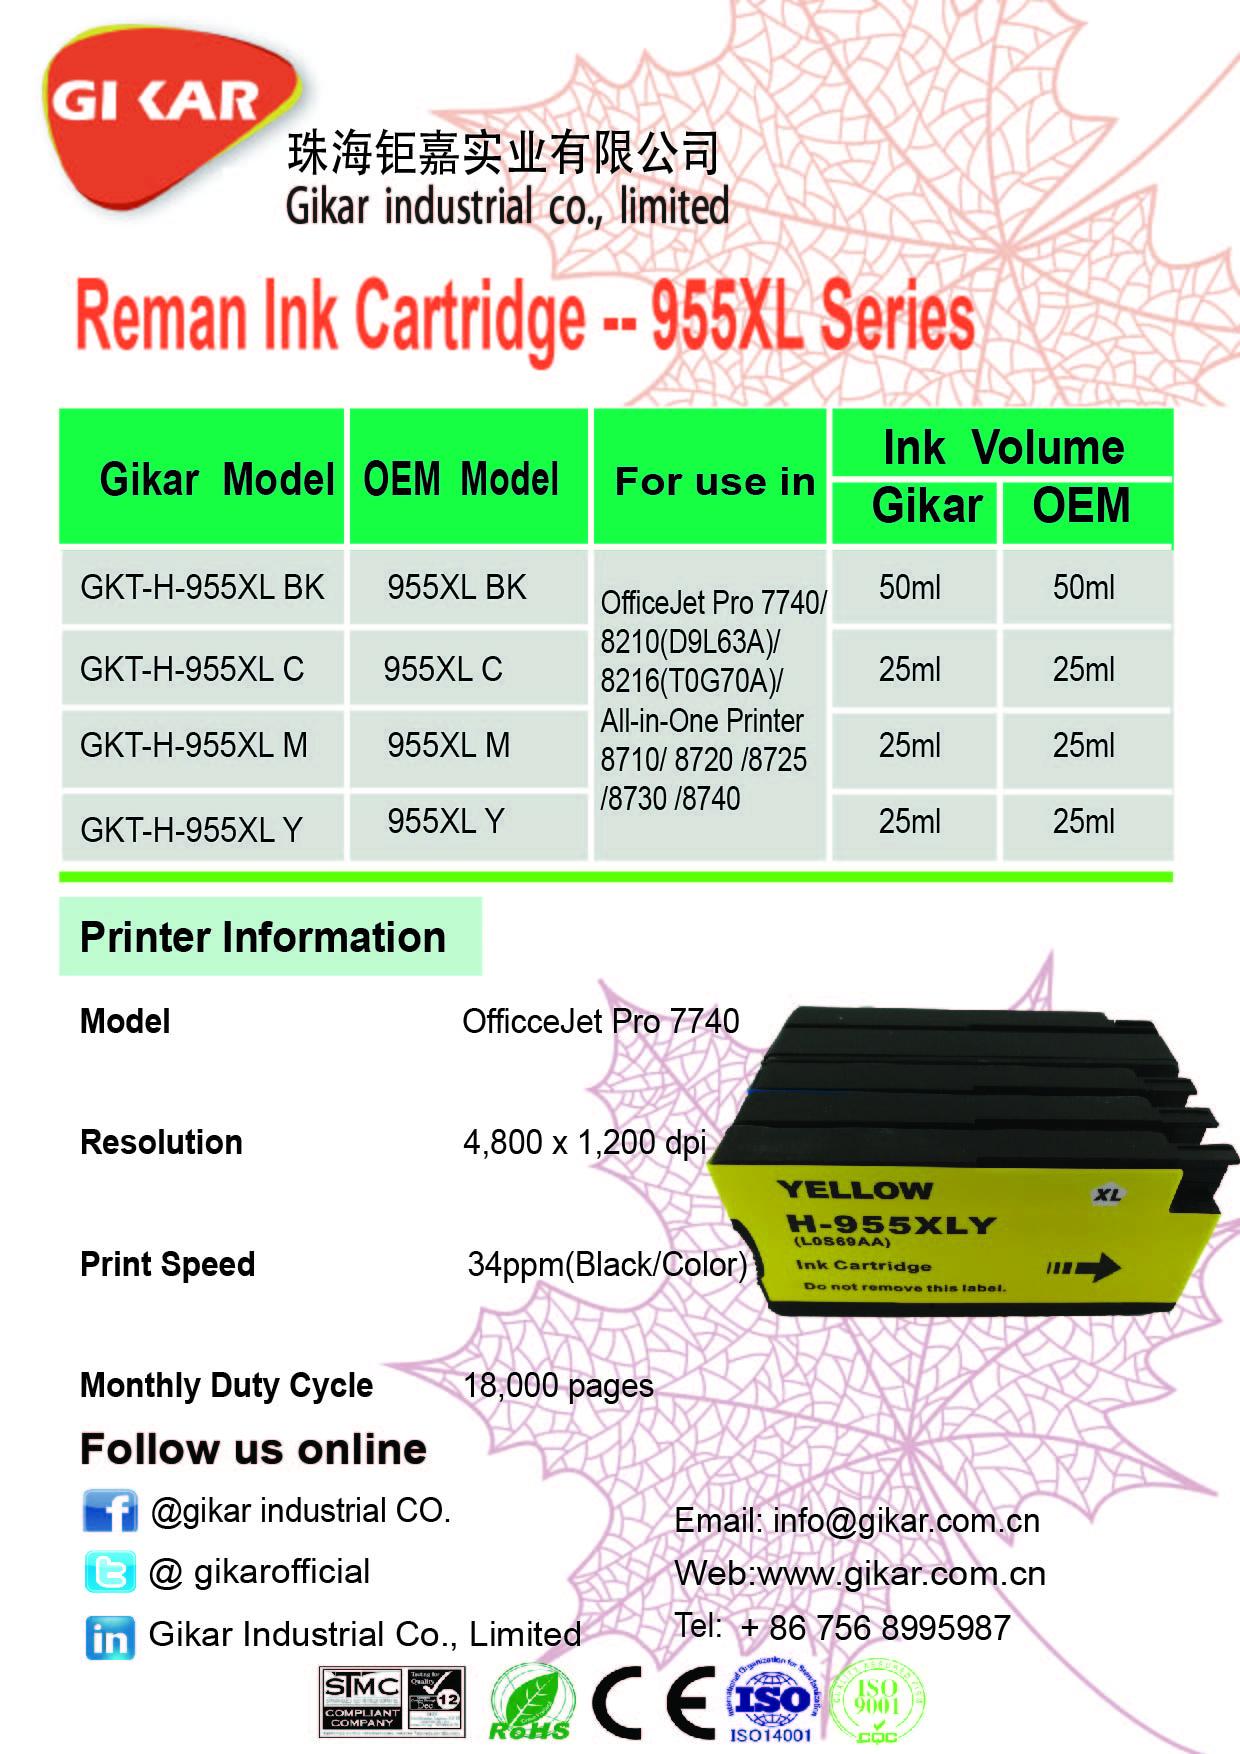 钜嘉实业成功推出再生955XL系列墨盒